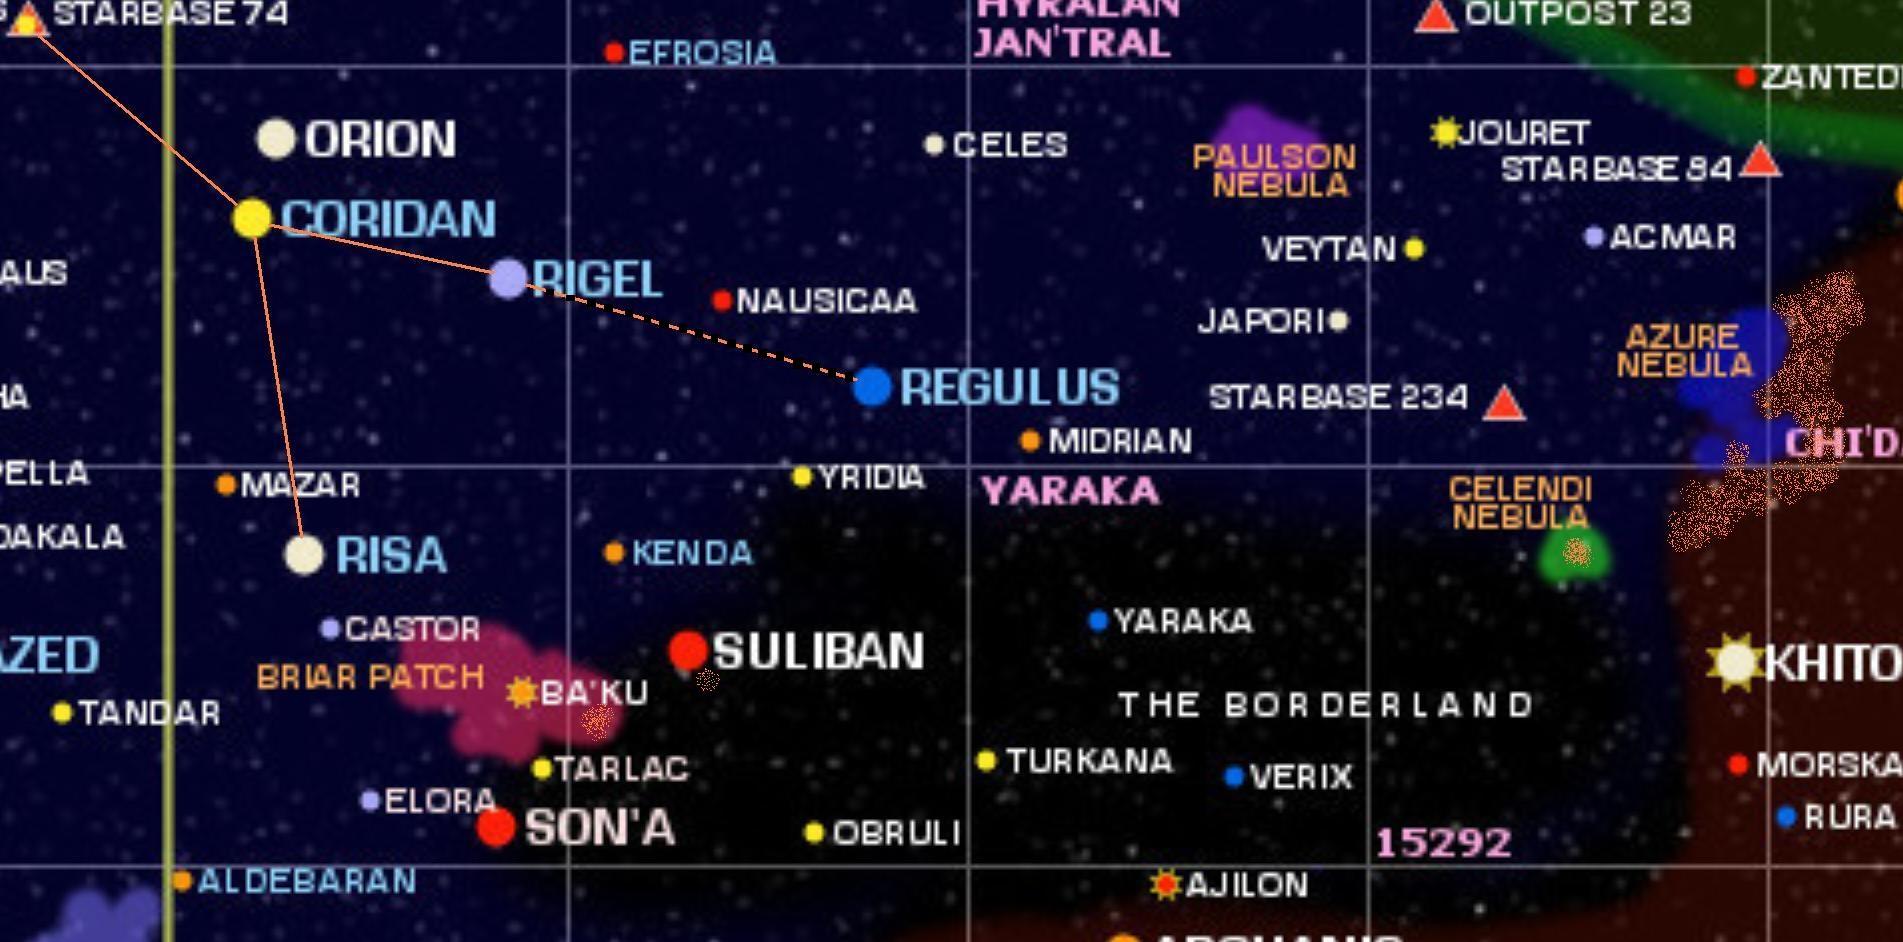 Starfleet_Special_Operations_AOE_SB234.JPG